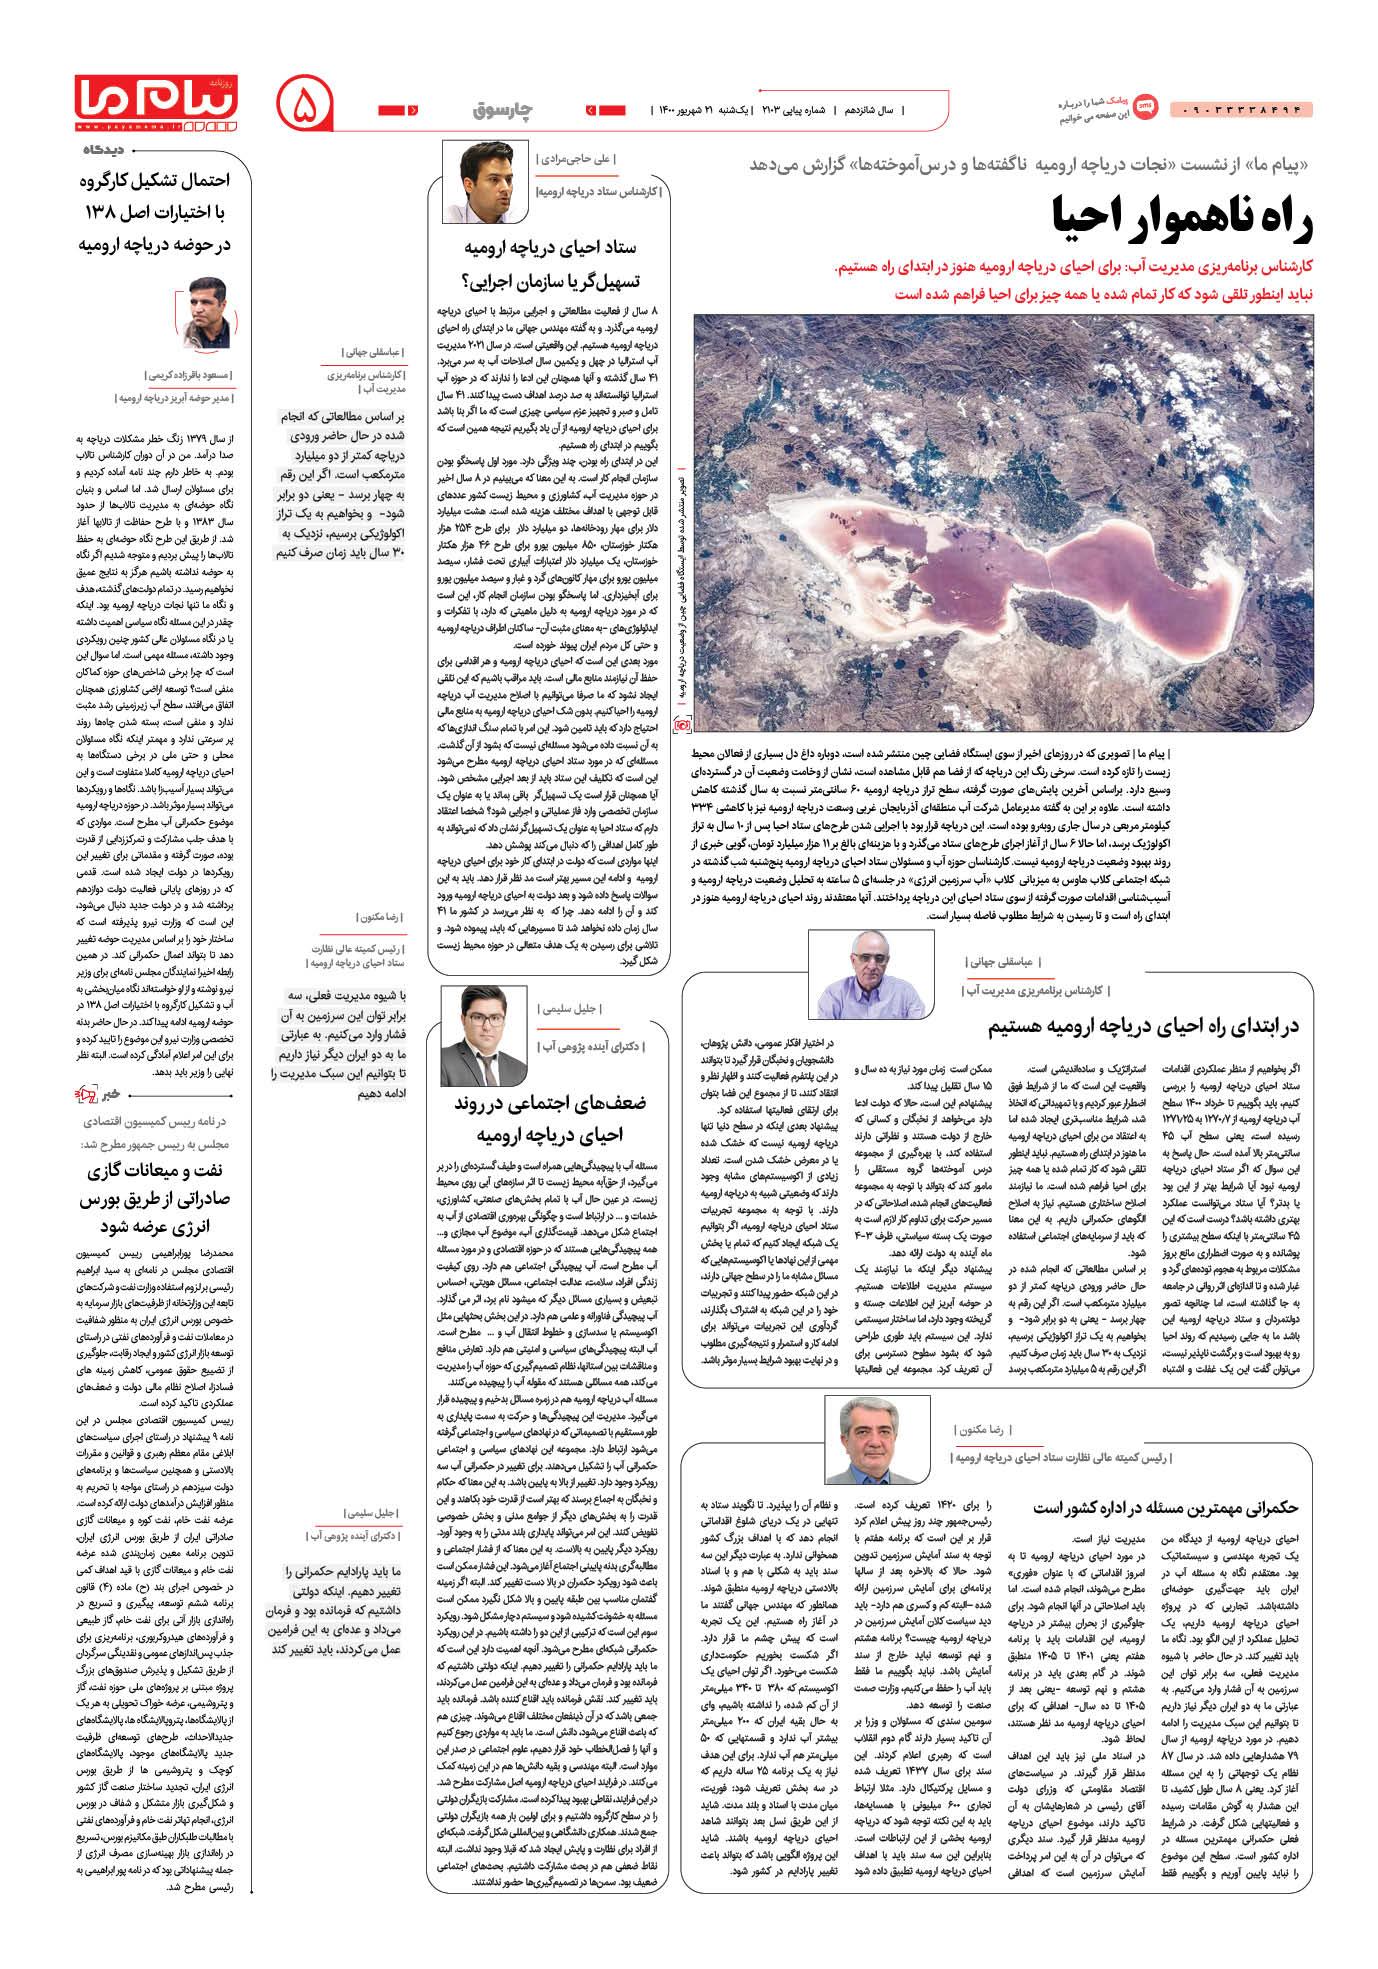 صفحه چارسوق شماره 2103 روزنامه پیام ما